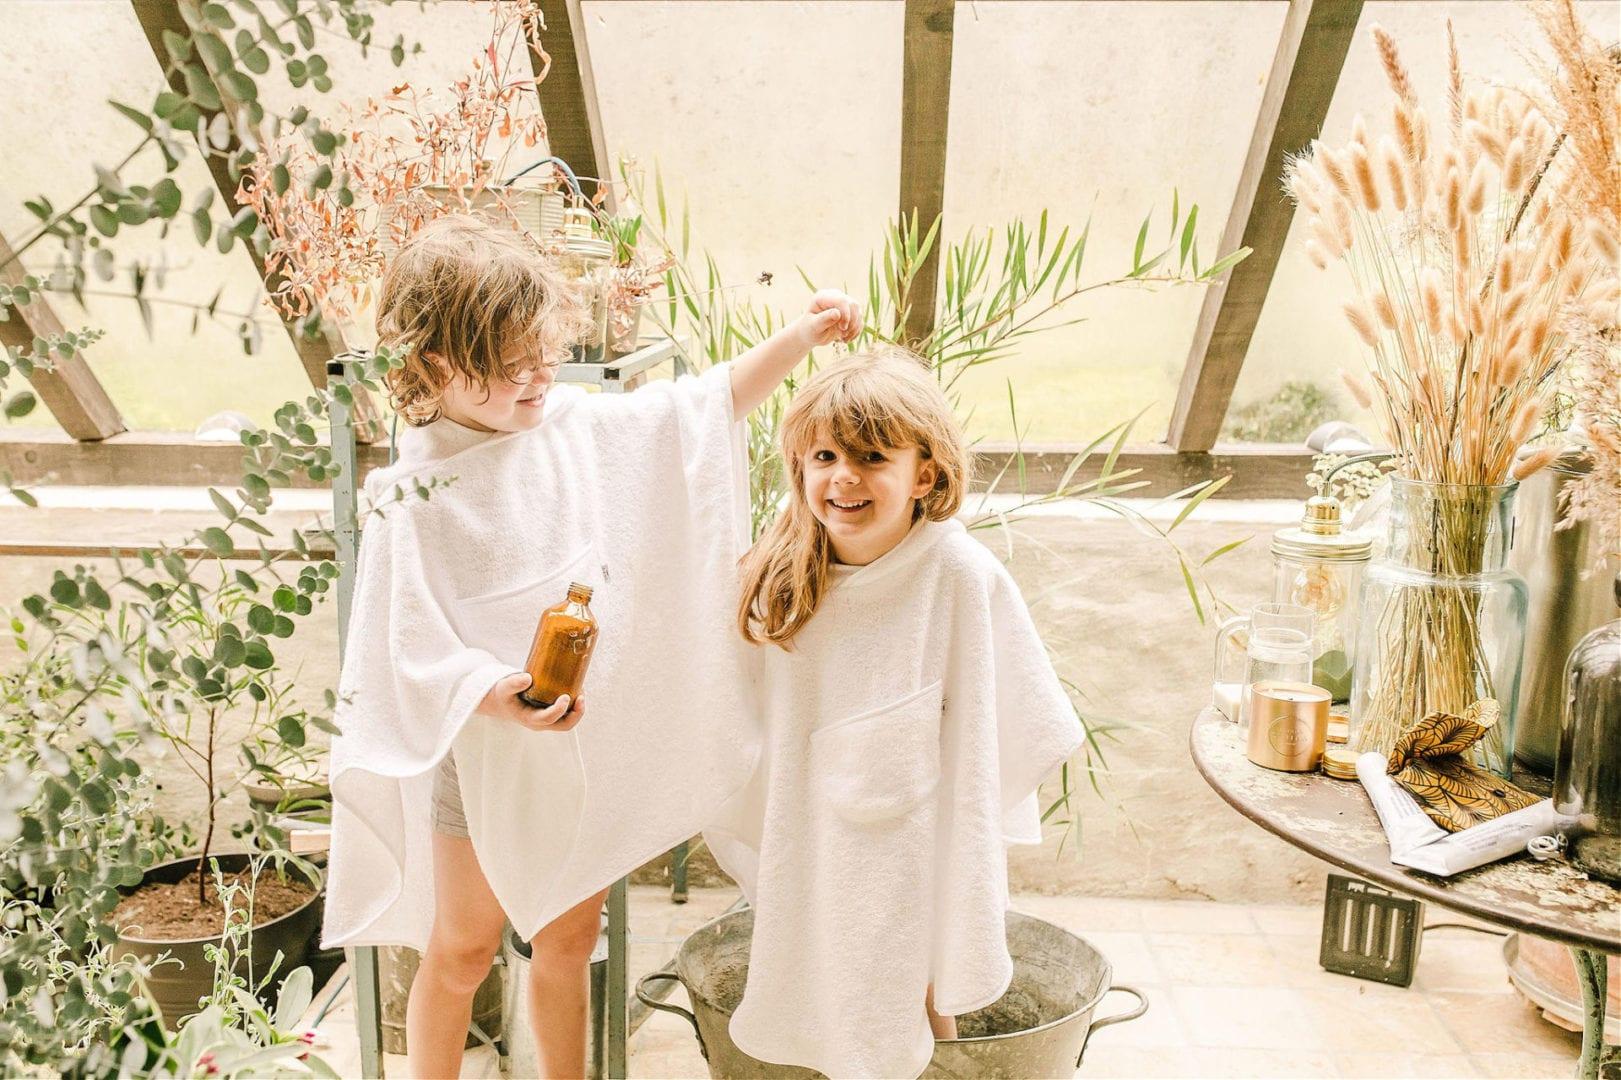 shampoing, comette cosmetics, cosmétiques naturelles, cosmétique biologiques